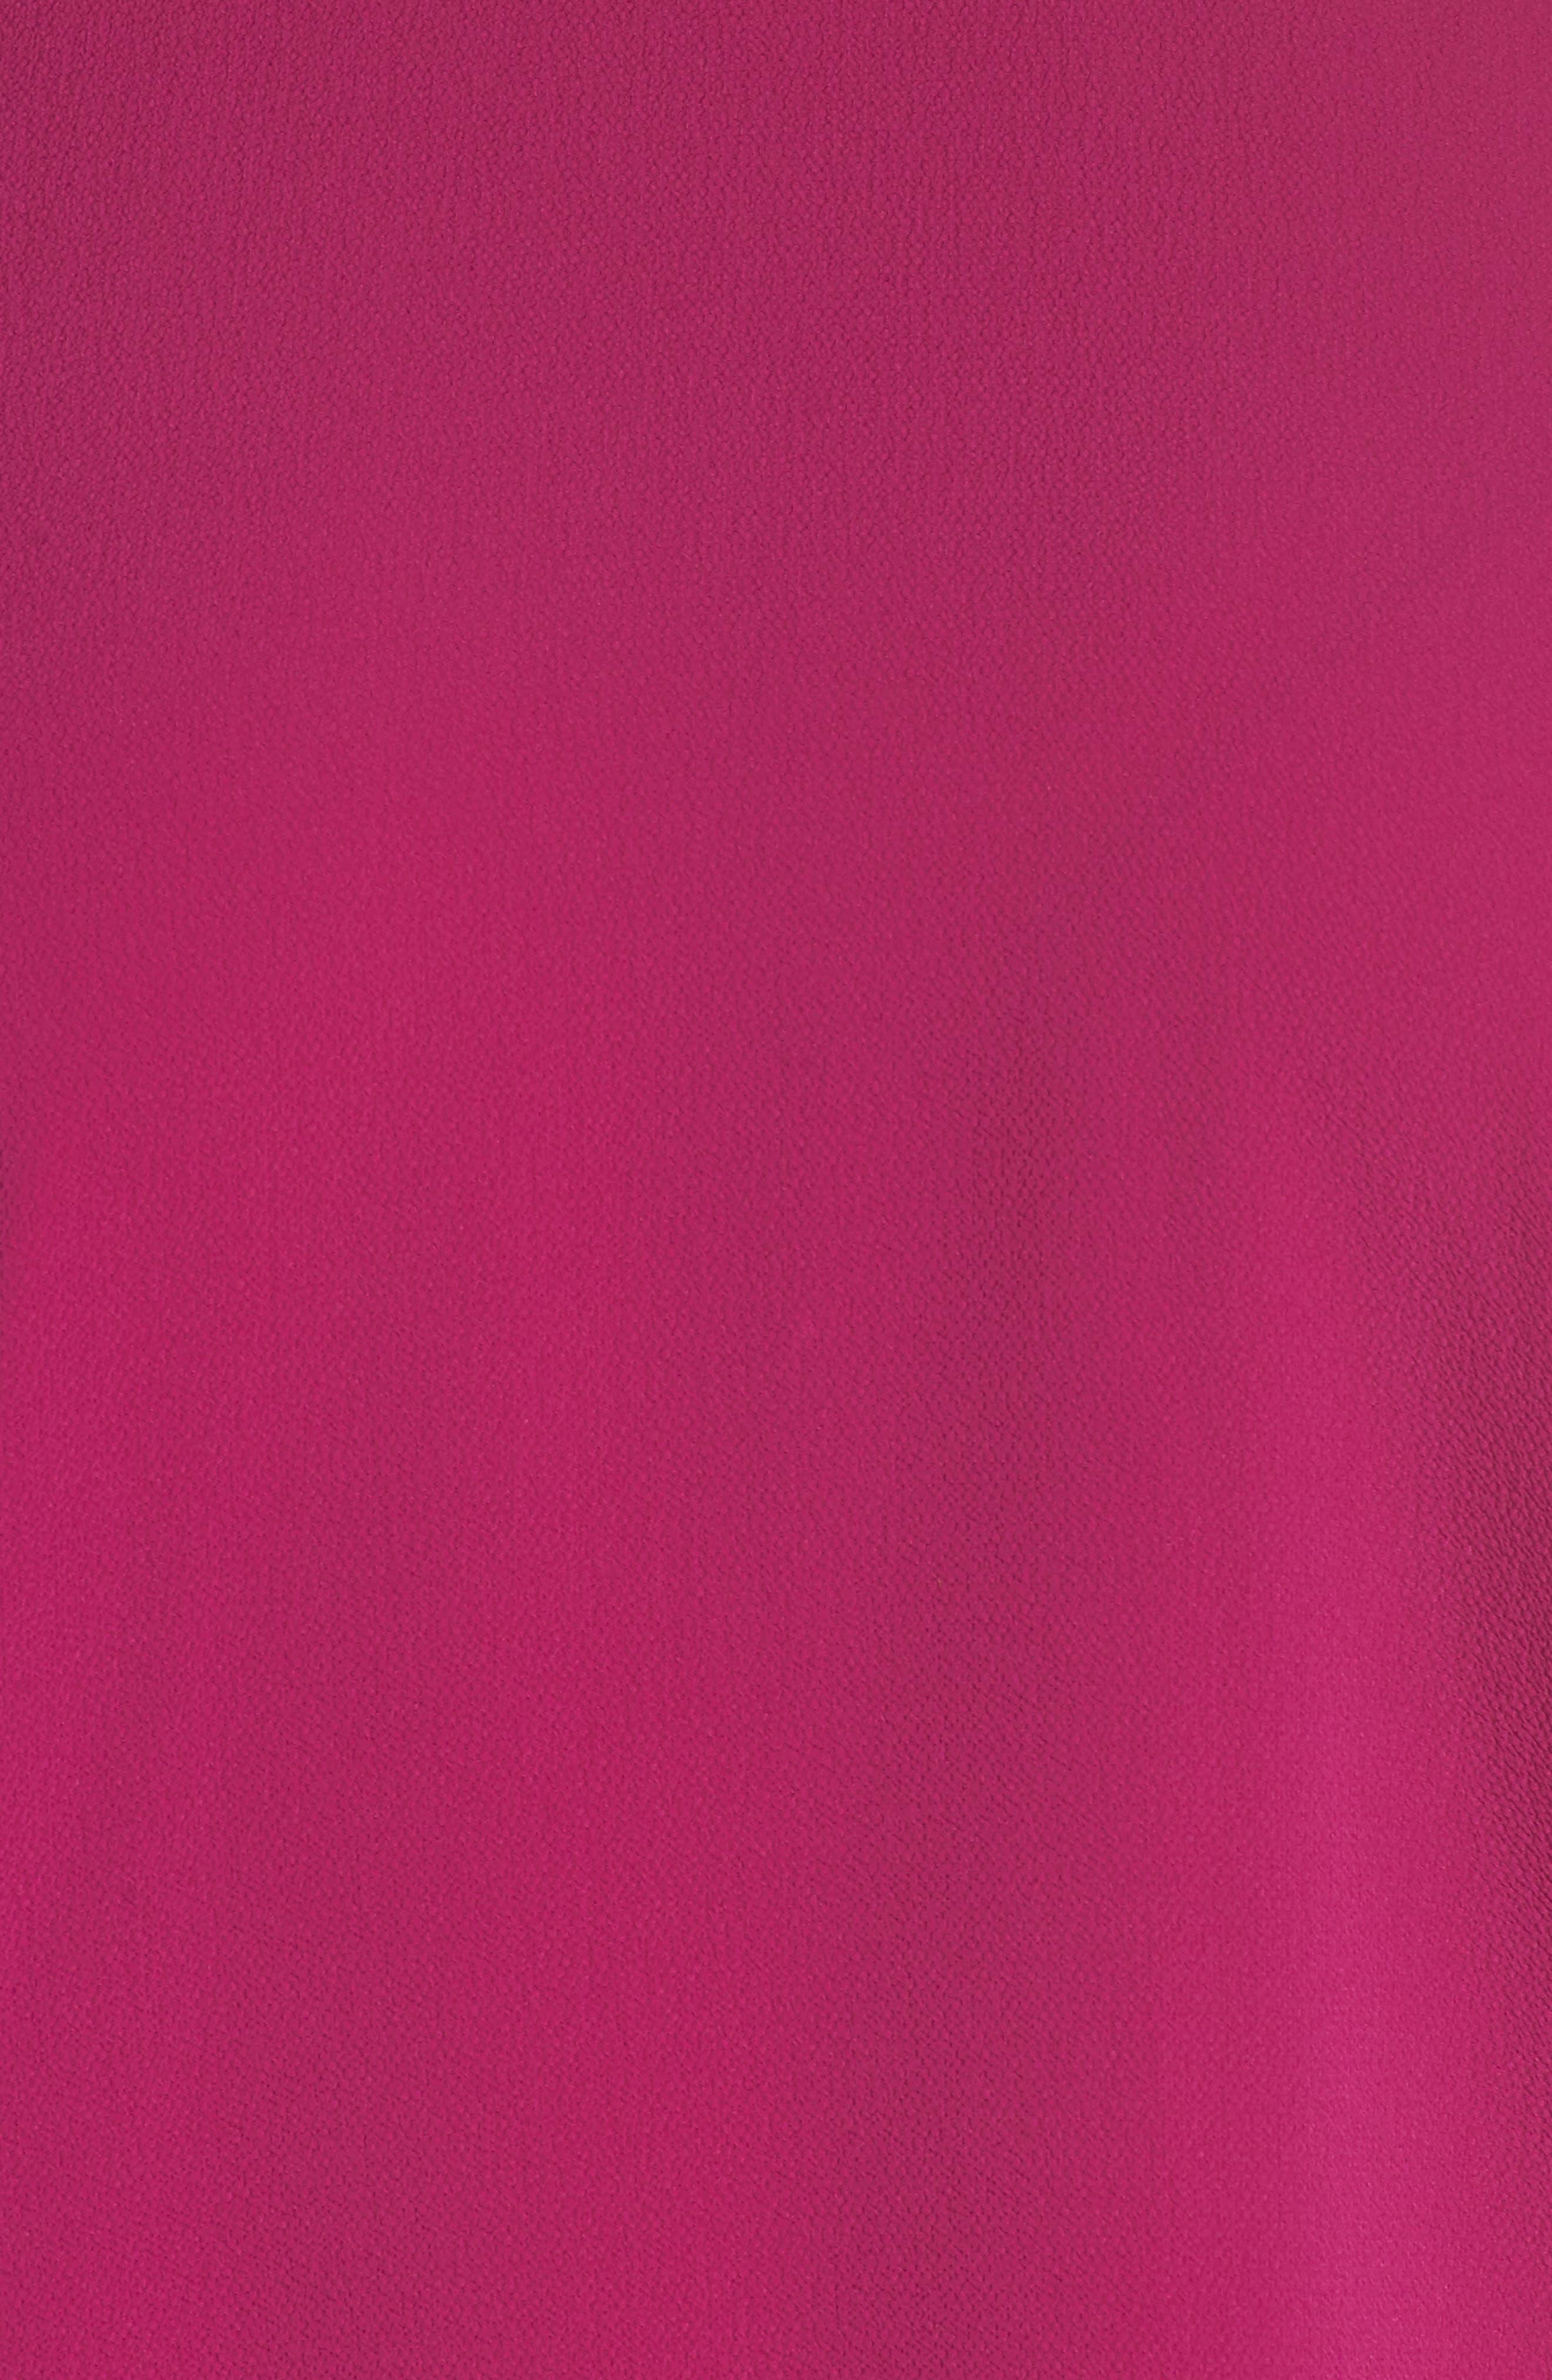 Bubble Sleeve Blouse,                             Alternate thumbnail 6, color,                             Fuchsia Fury